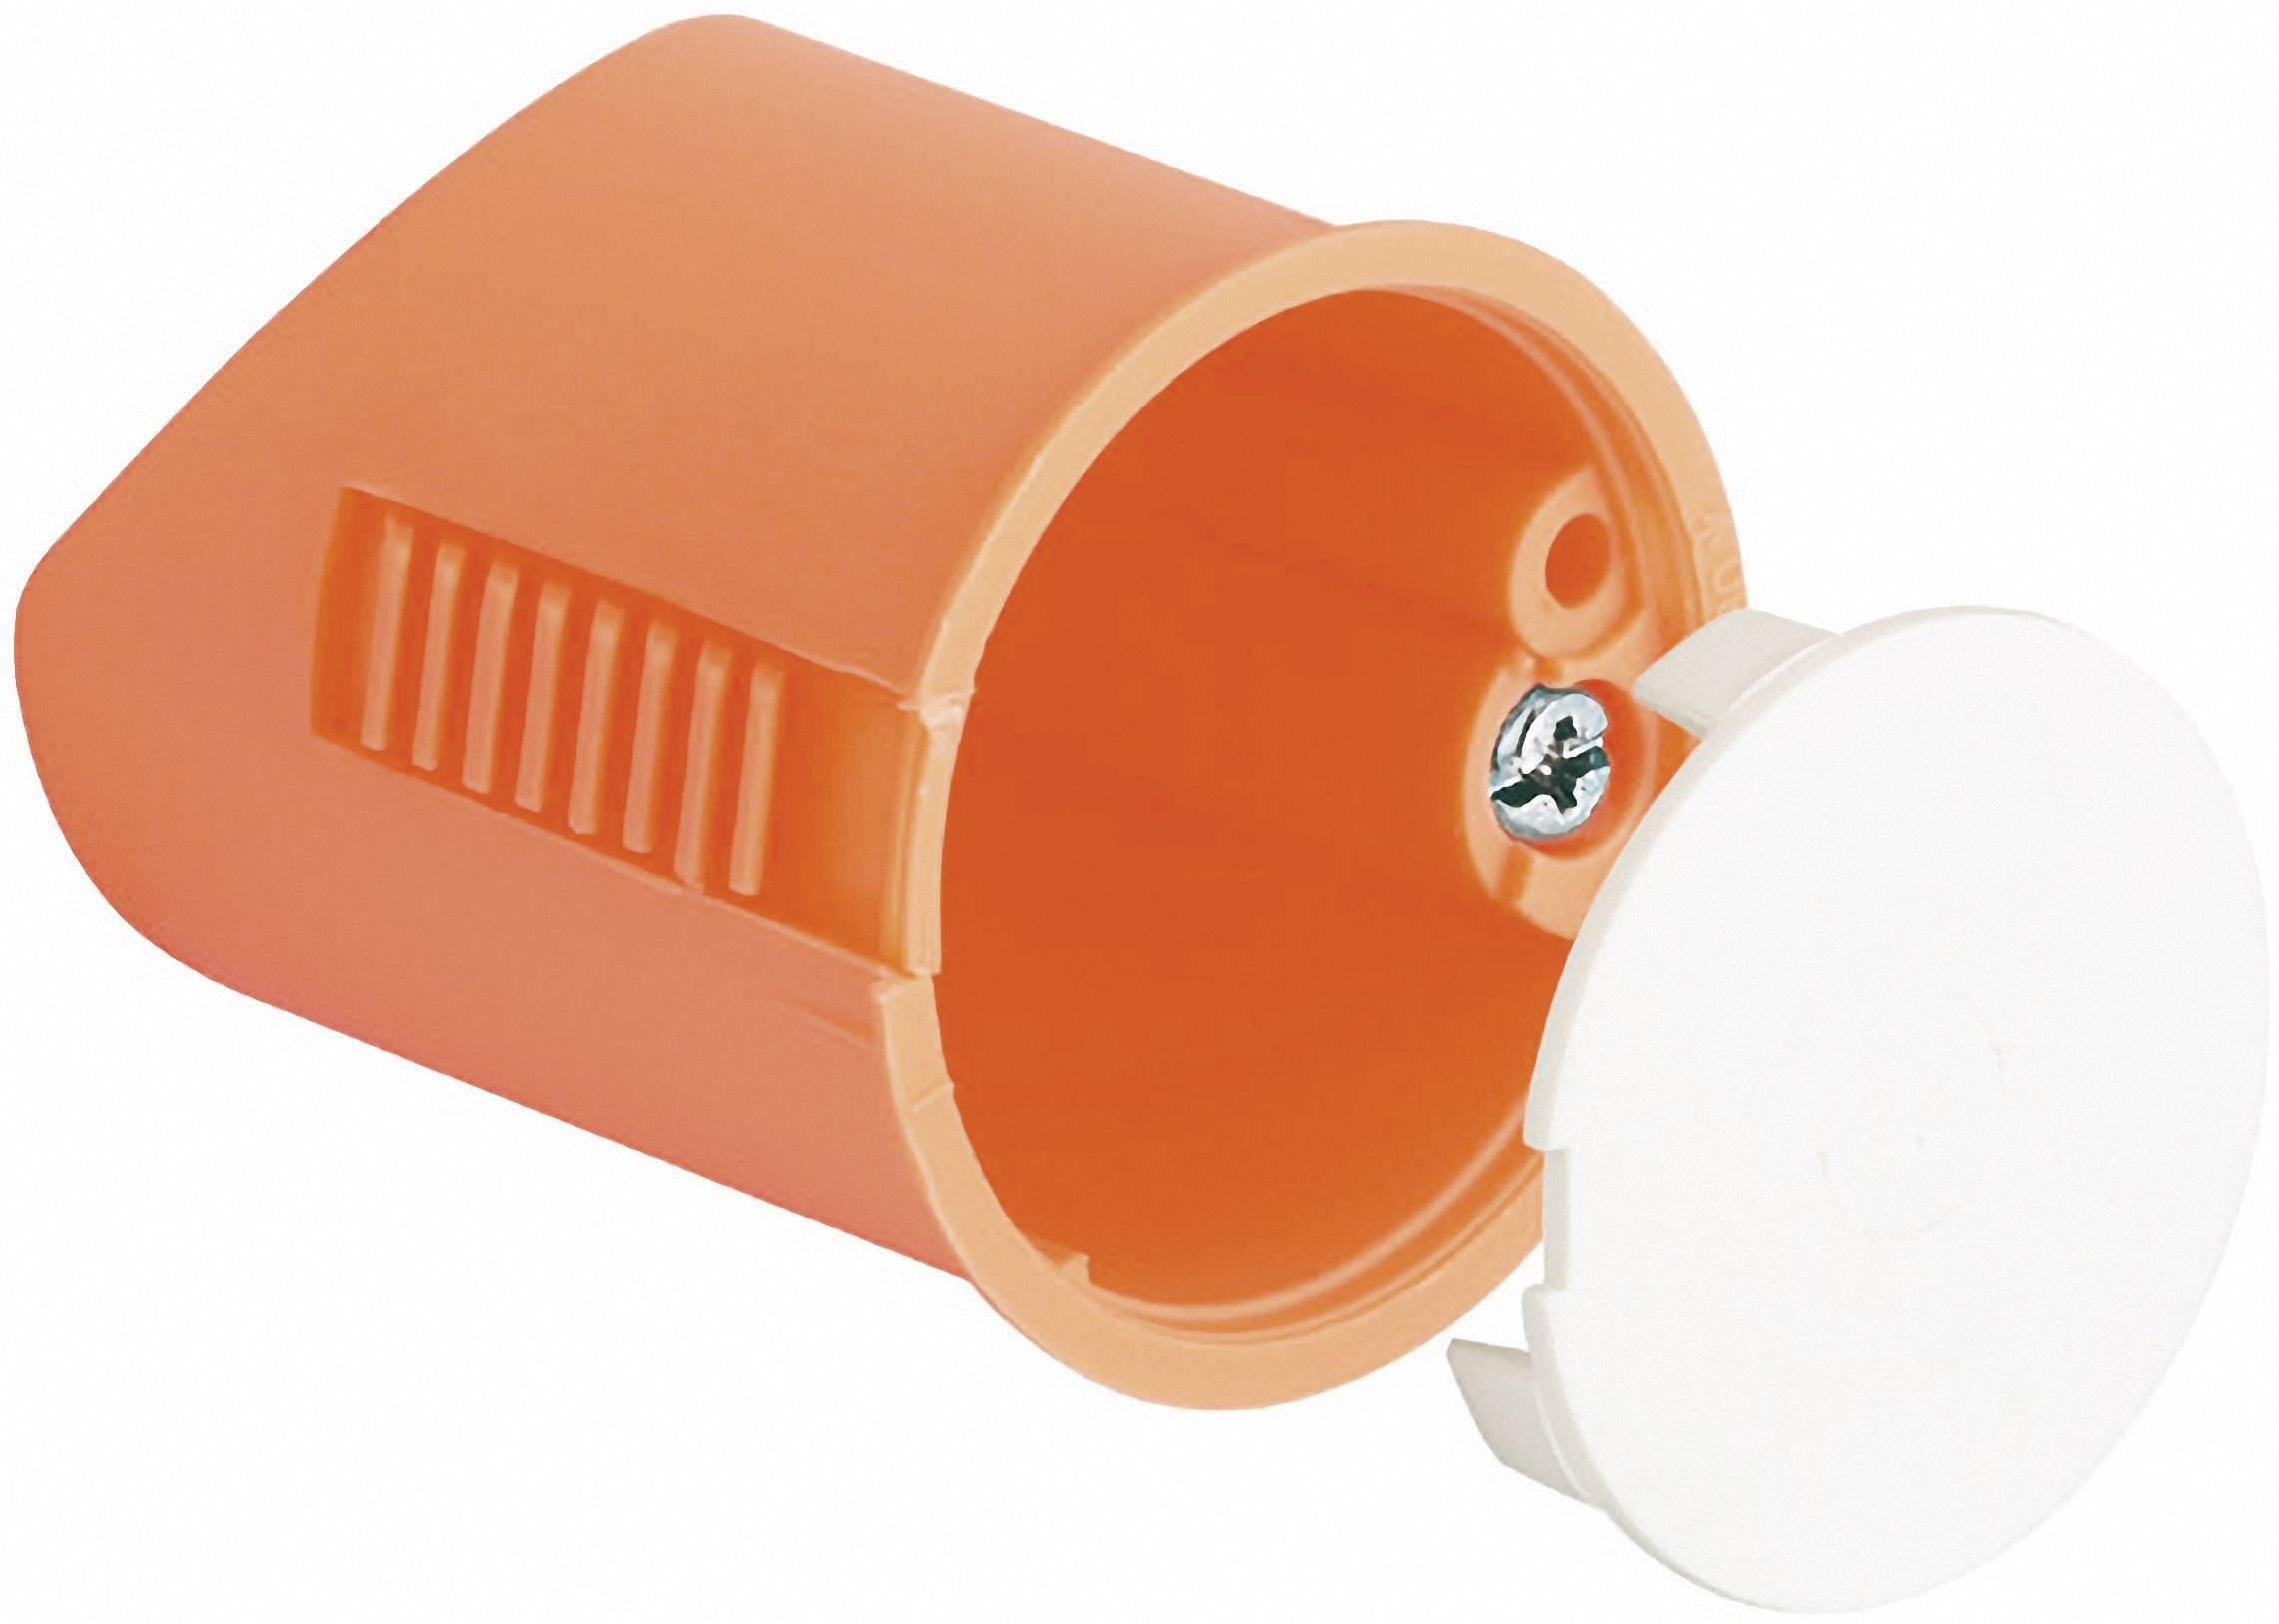 Inštalačná krabica Kaiser Elektro 9248-01 pre nástenné svietidlá, s krytkou, 35 x 40 mm, oranžová